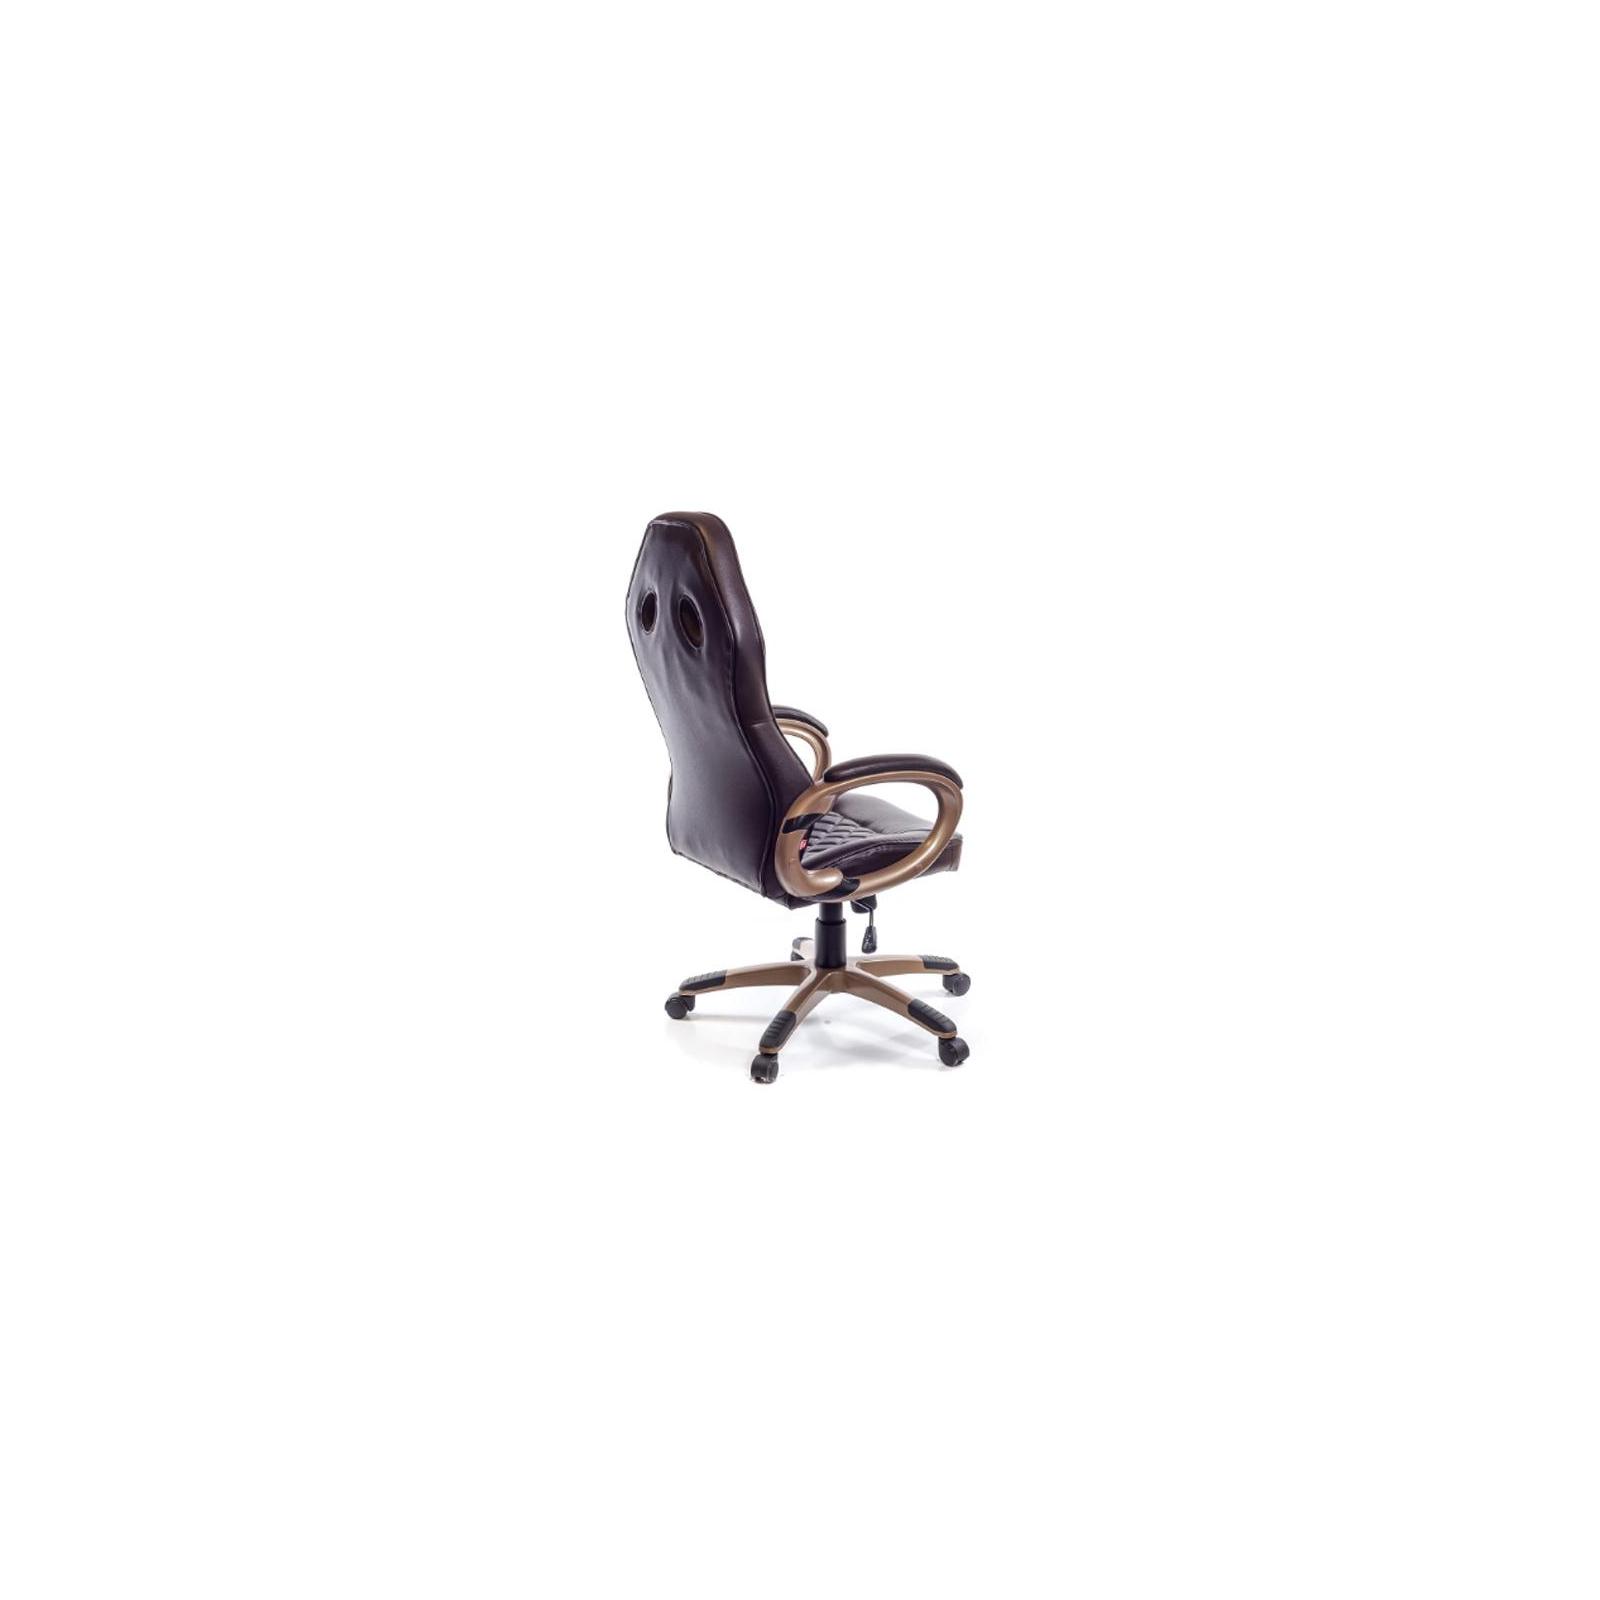 Кресло игровое АКЛАС Блиц PL TILT Желтое (10460) изображение 4